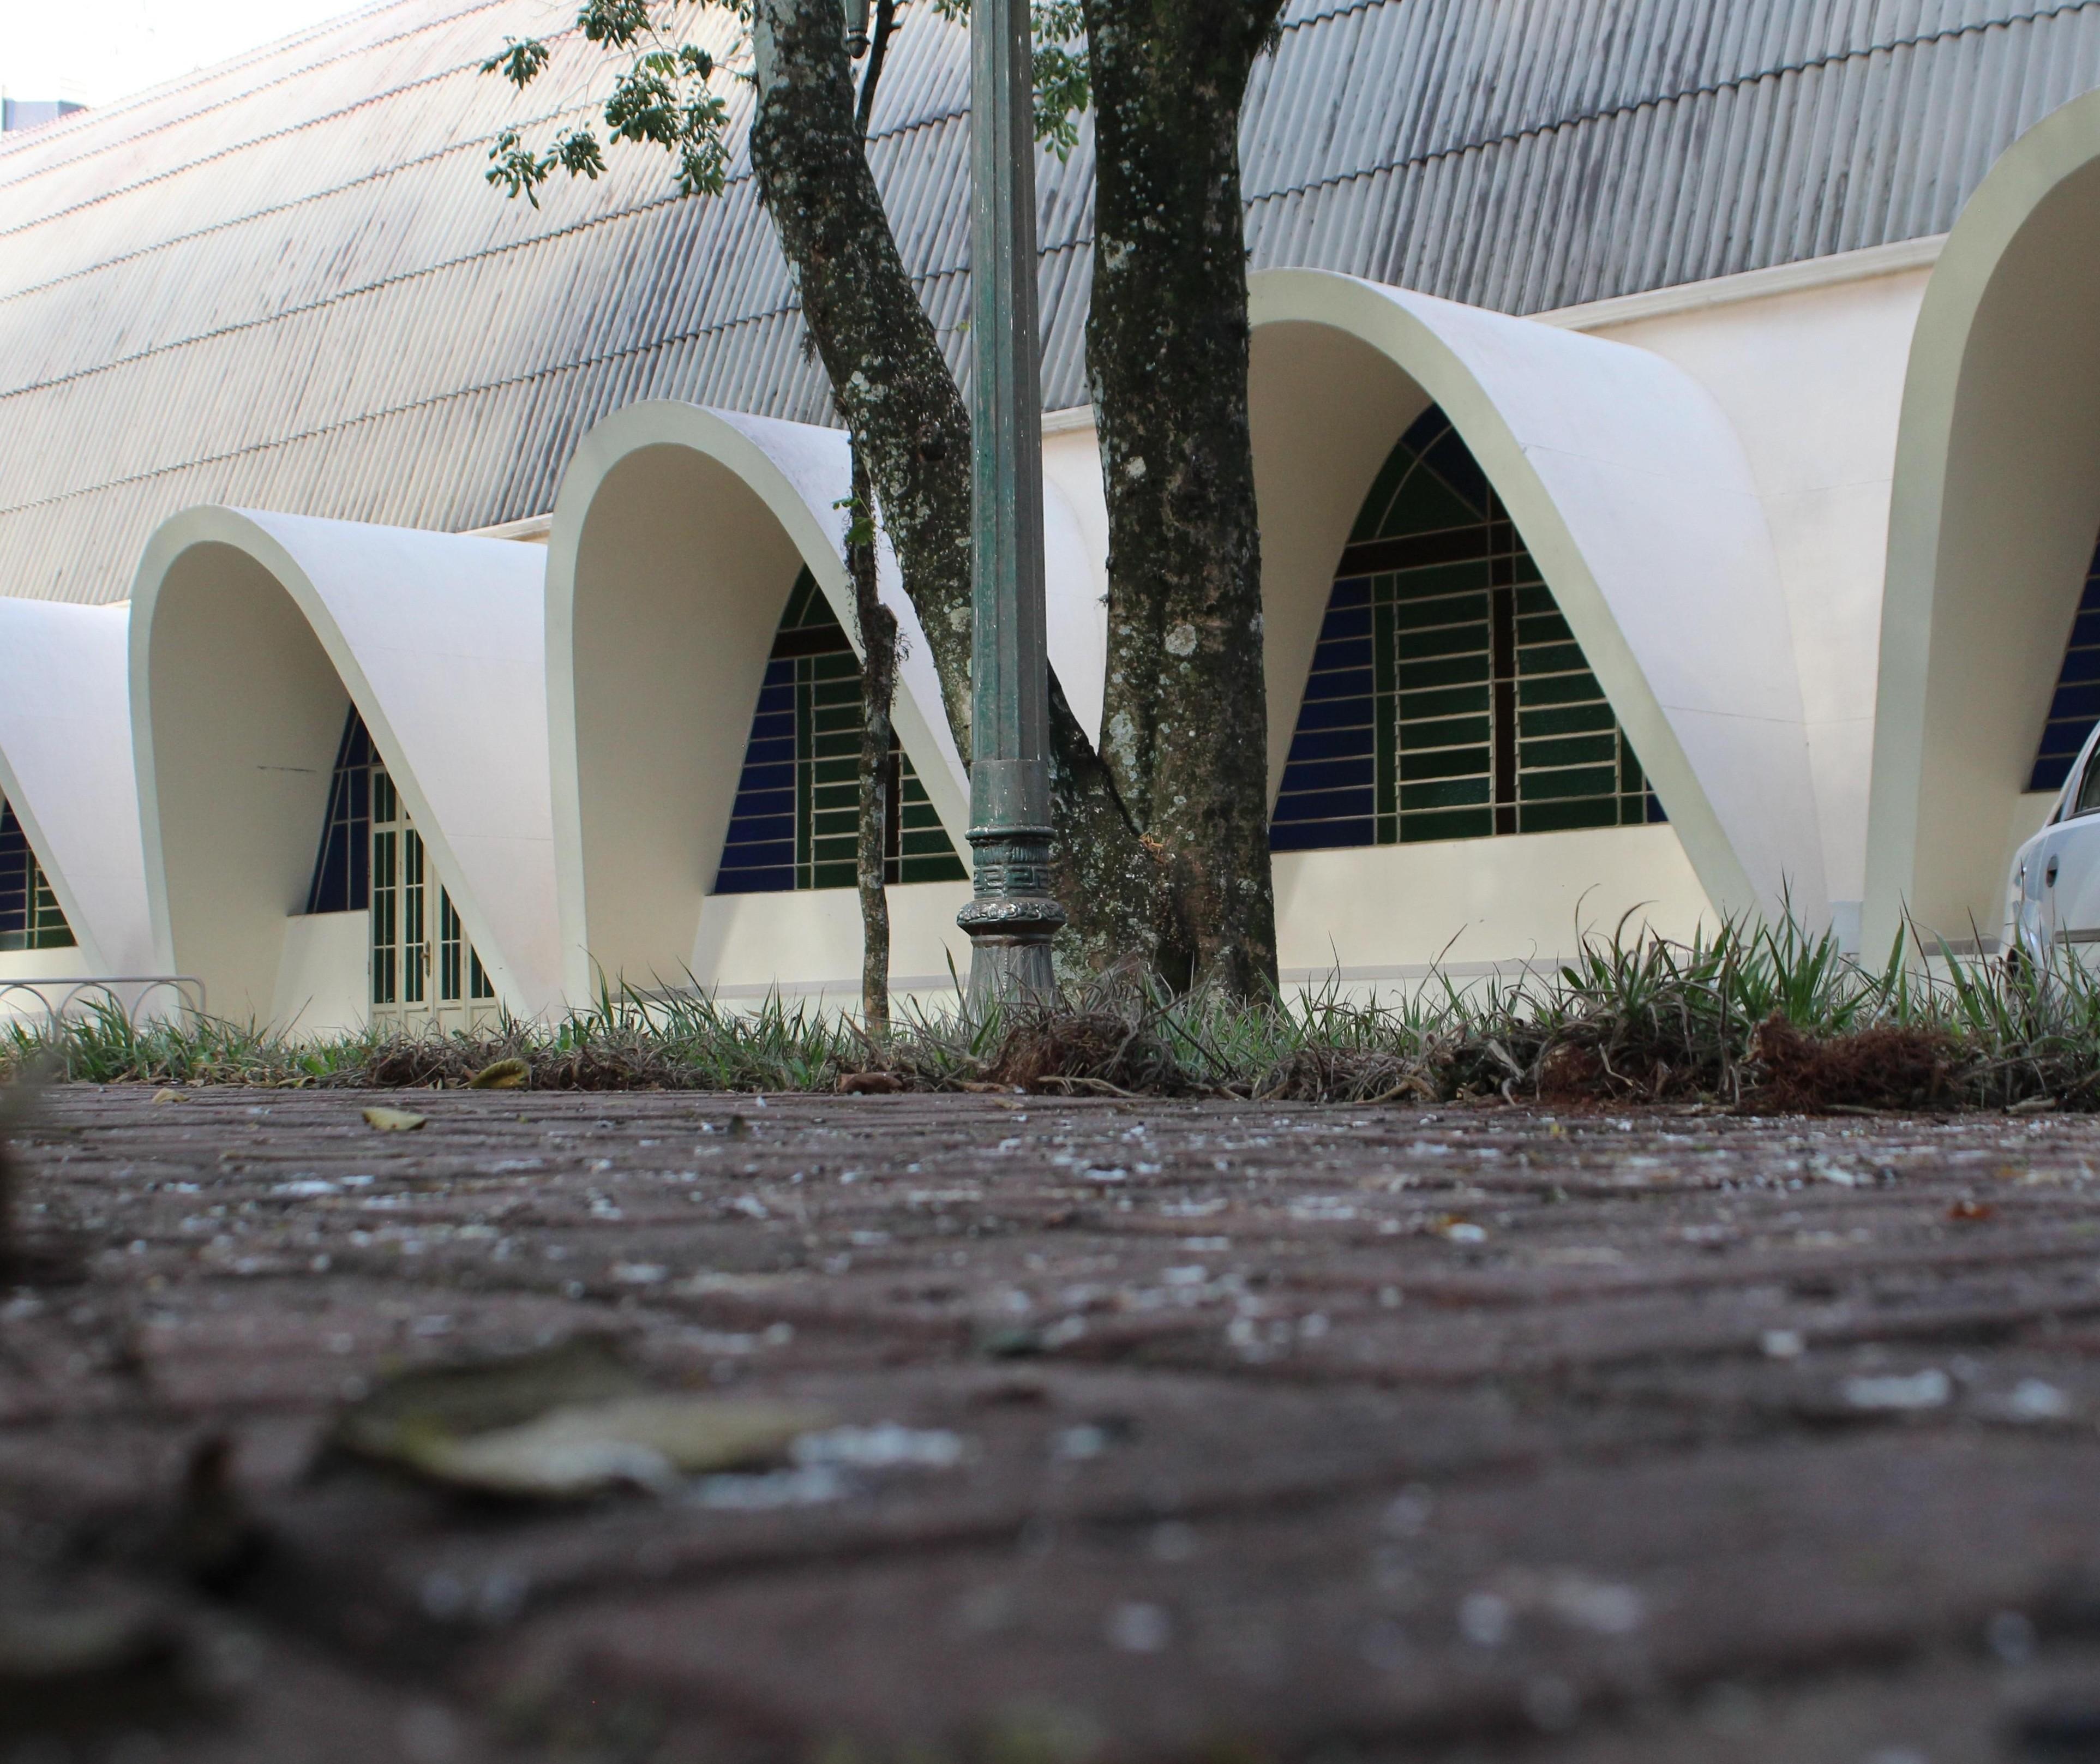 Pombos impedem igreja de fazer procissões externas em Cianorte